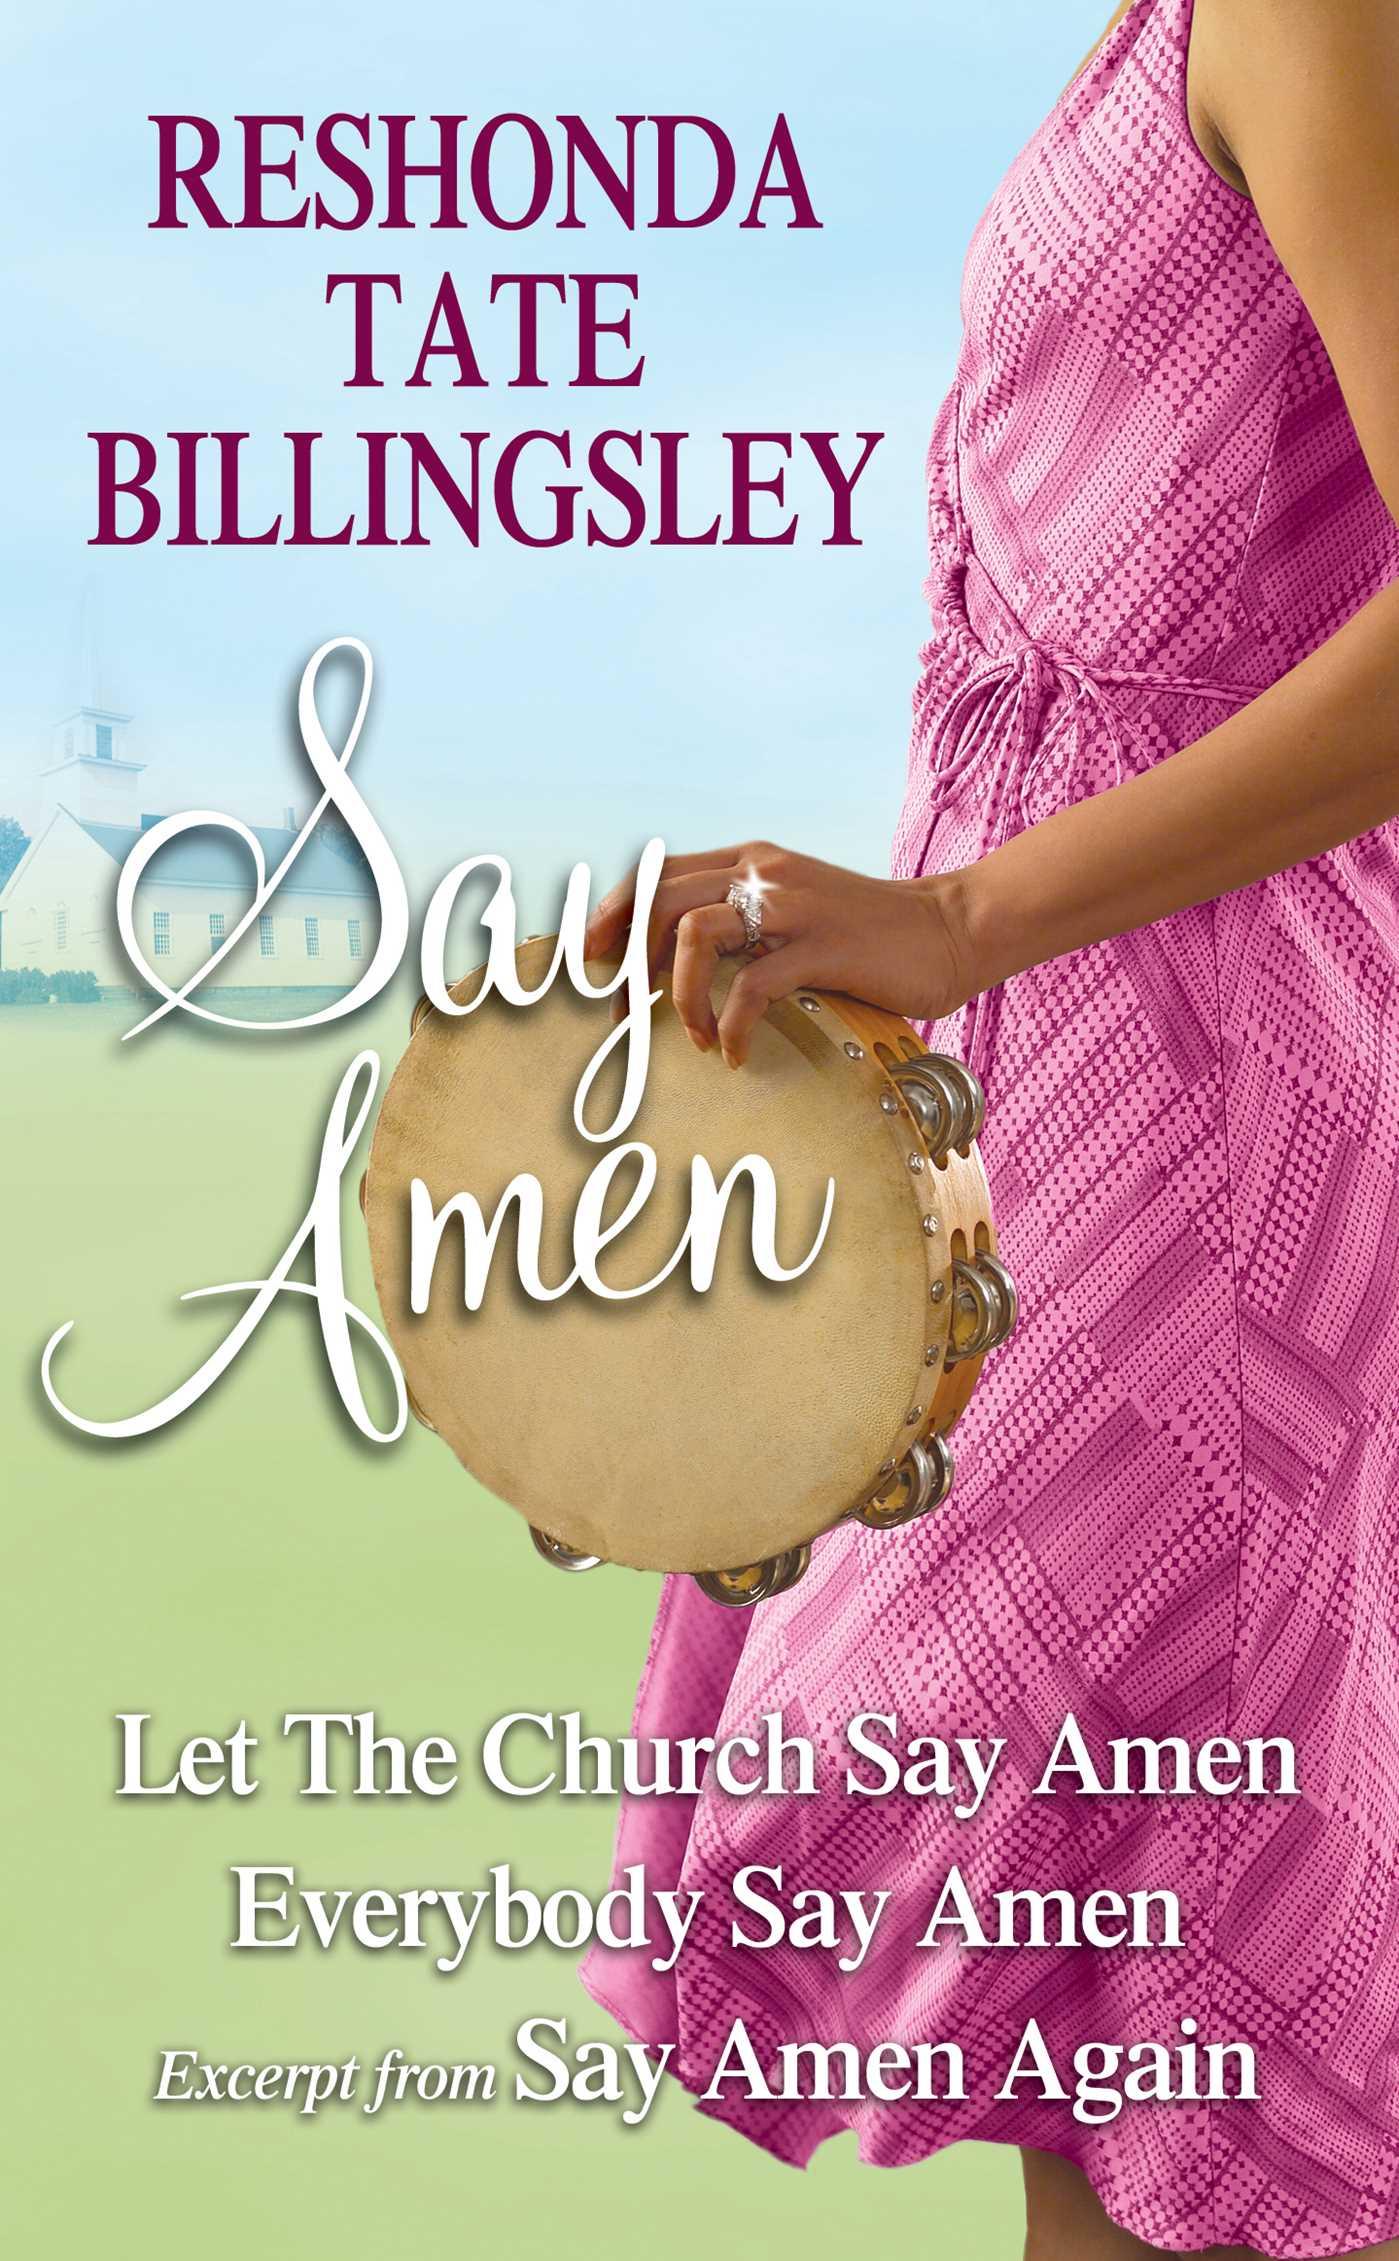 Reshonda tate billingsley say amen 9781451654806 hr